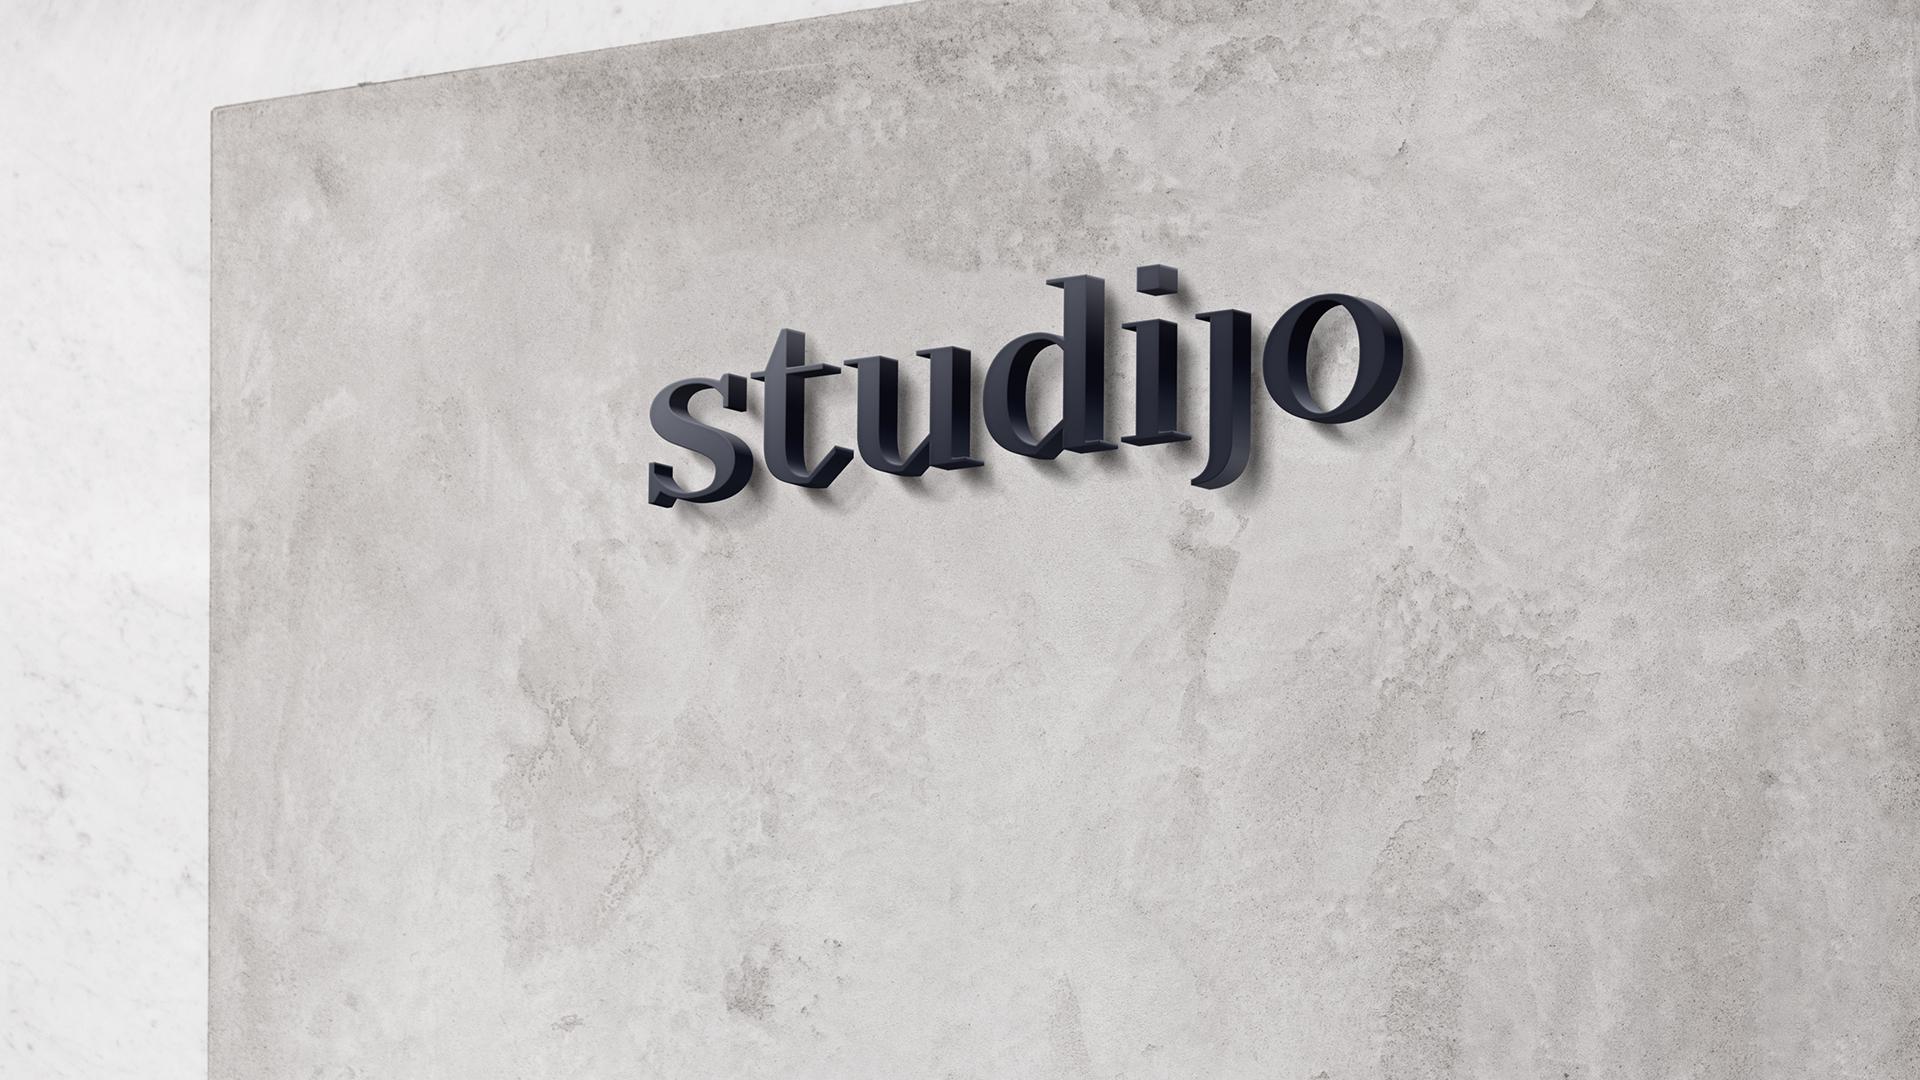 Studijo-Behance-12